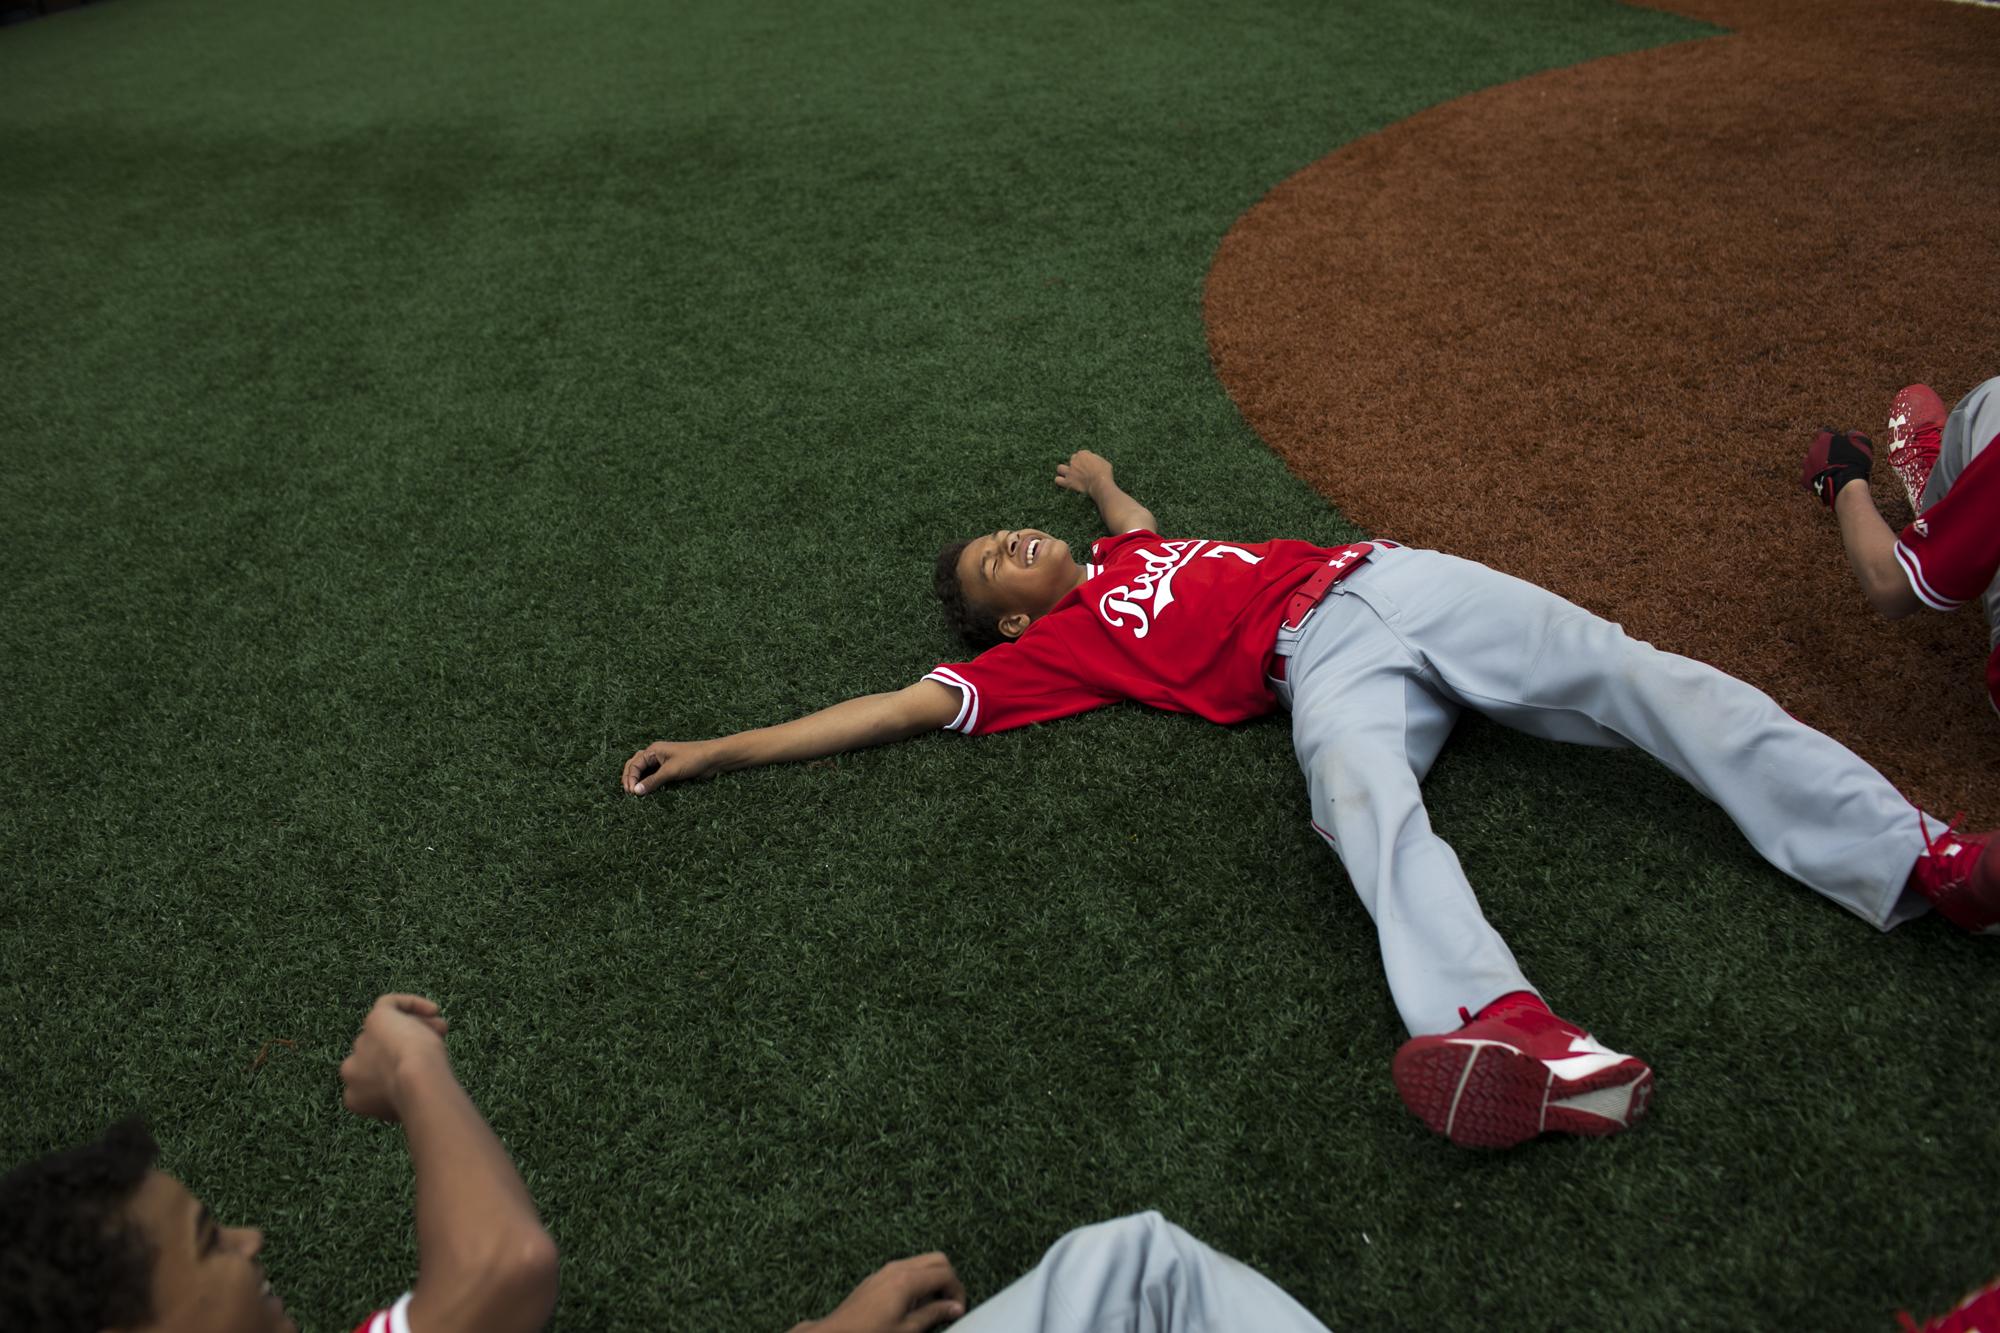 Innocent Yo Teen Playing Baseball Outdoors - Instytut Neofilologii - Akademia Pomorska -6500